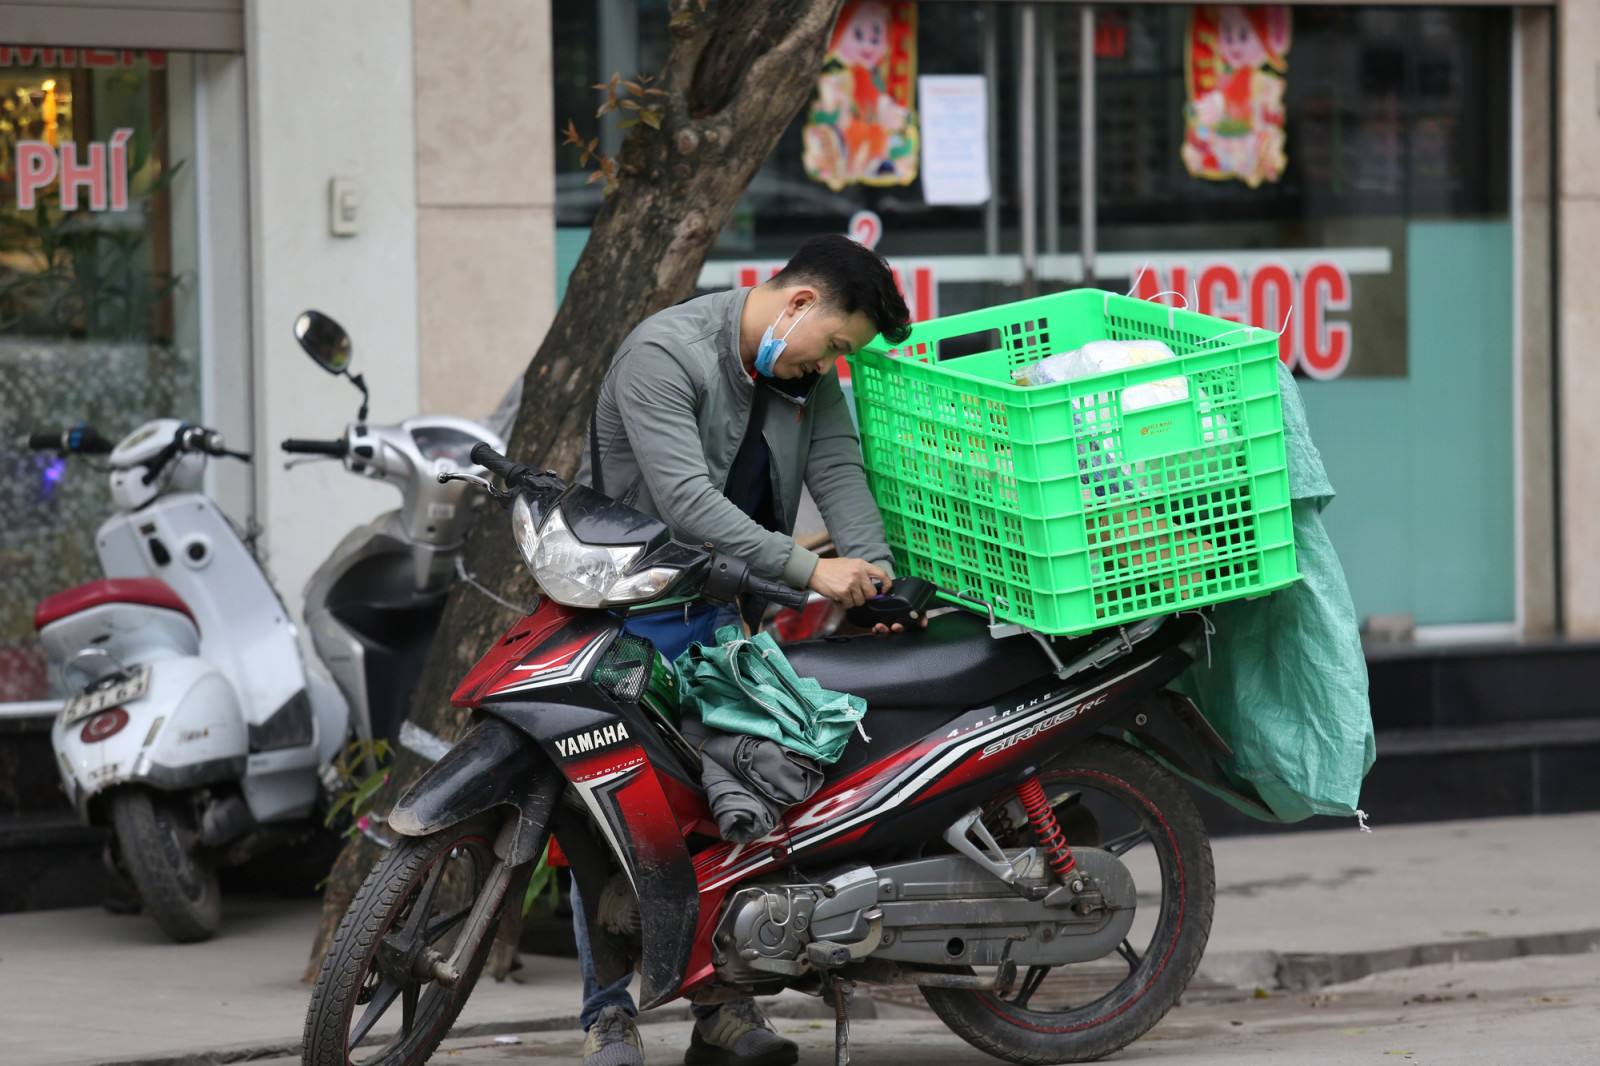 Giãn cách xã hội khiến nhu cầu mua sắm qua mạng ở Hà Nội tăng 50% - Ảnh 1